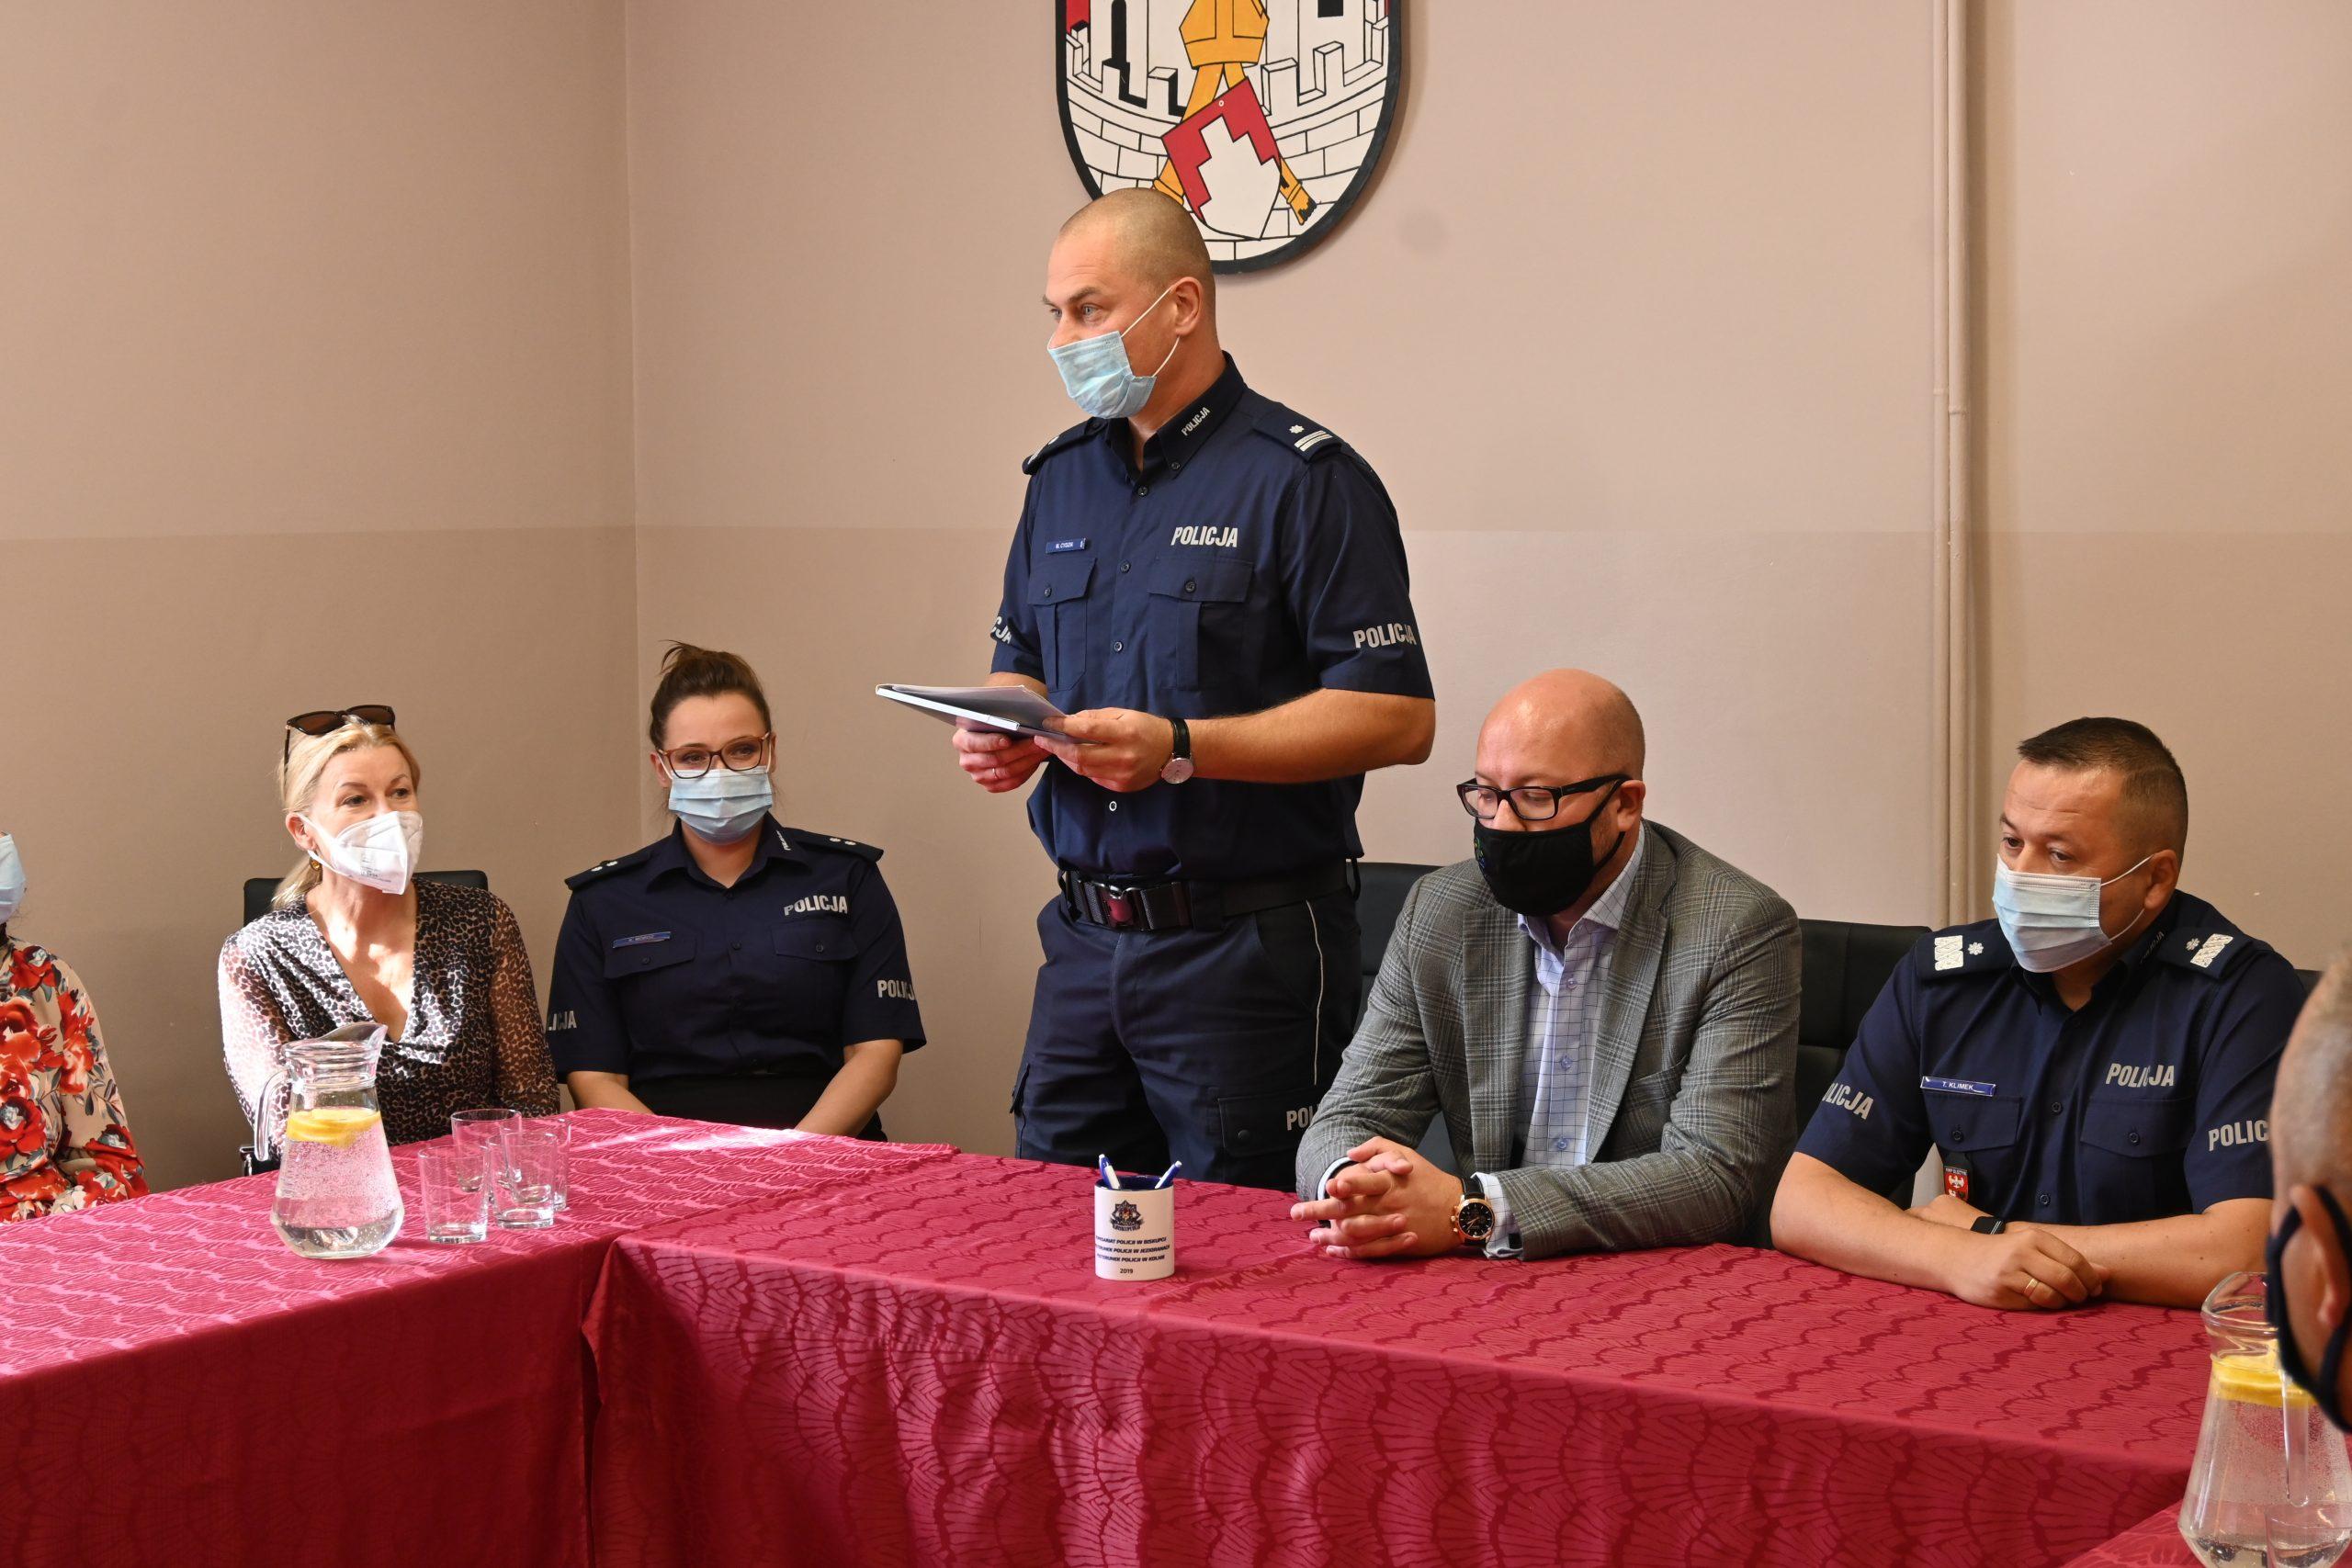 Przemowa Komendanta komisariatu Policji w Biskupcu